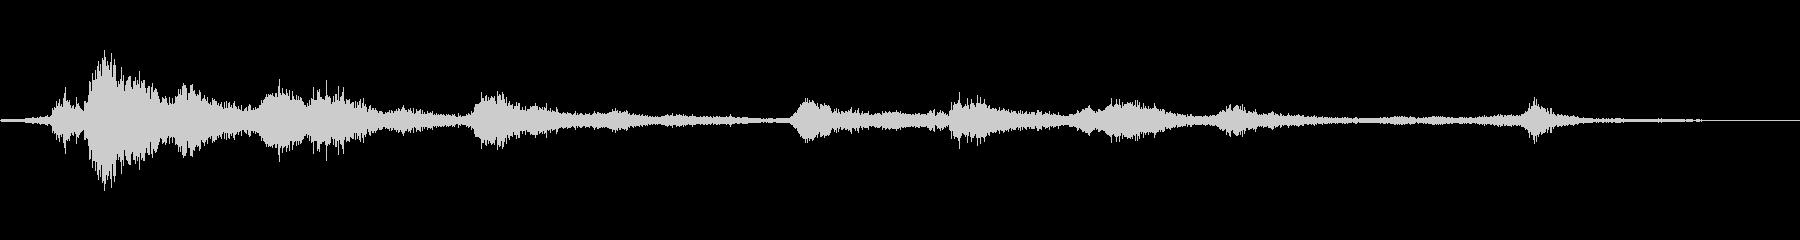 進化するエアリーメタルモーフィングの未再生の波形